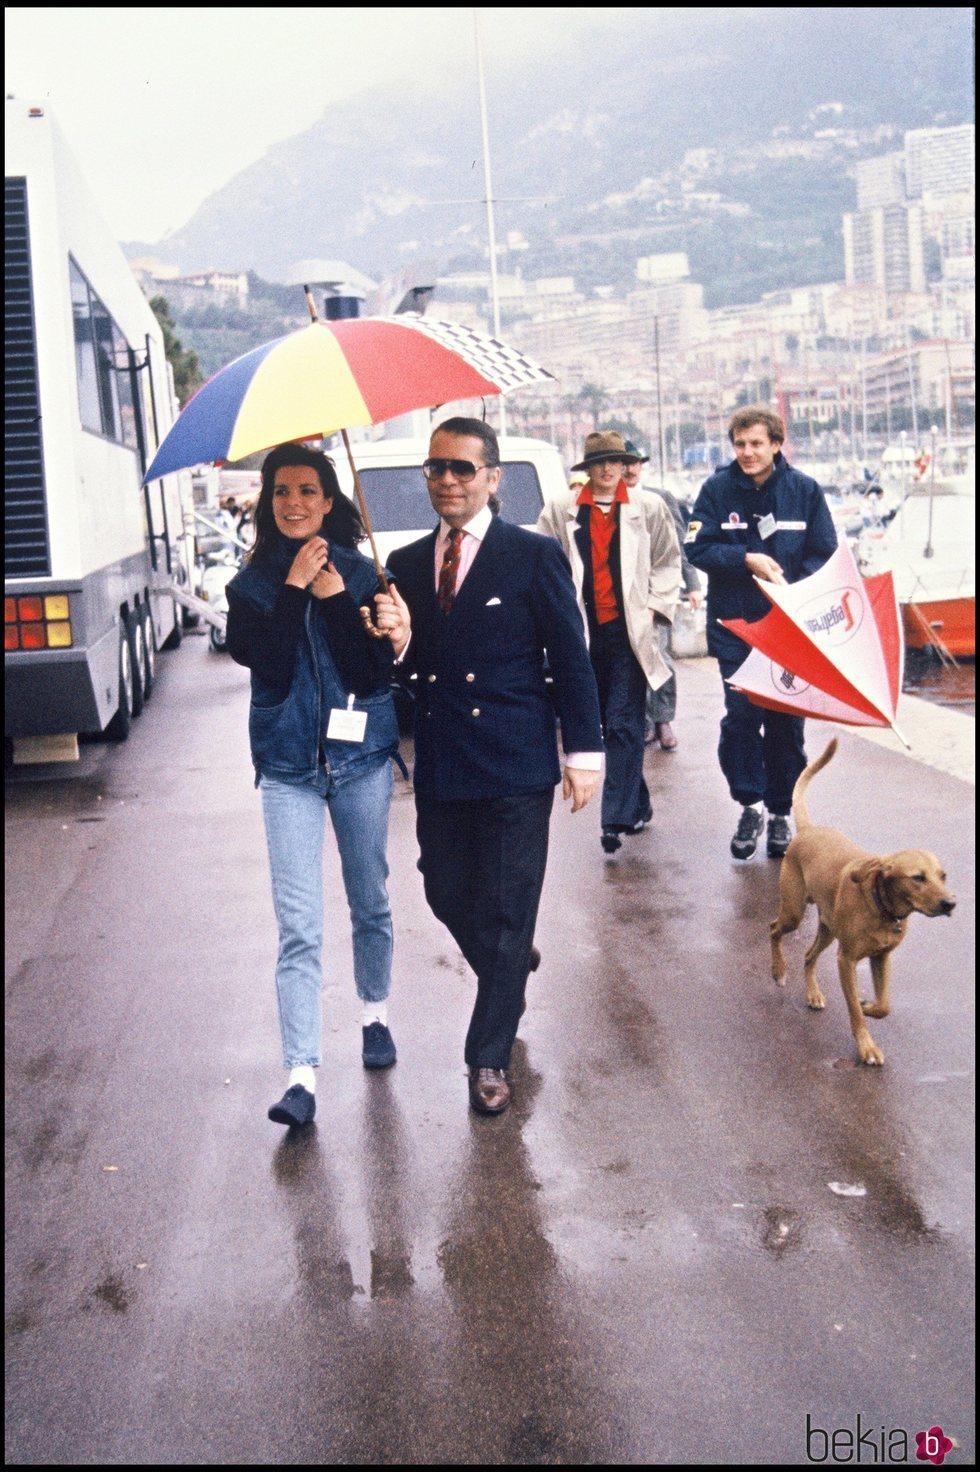 La Princesa Carolina y Karl Lagerfeld, seguidos por Stéfano Casiraghi, paseando por el puerto de Mónaco